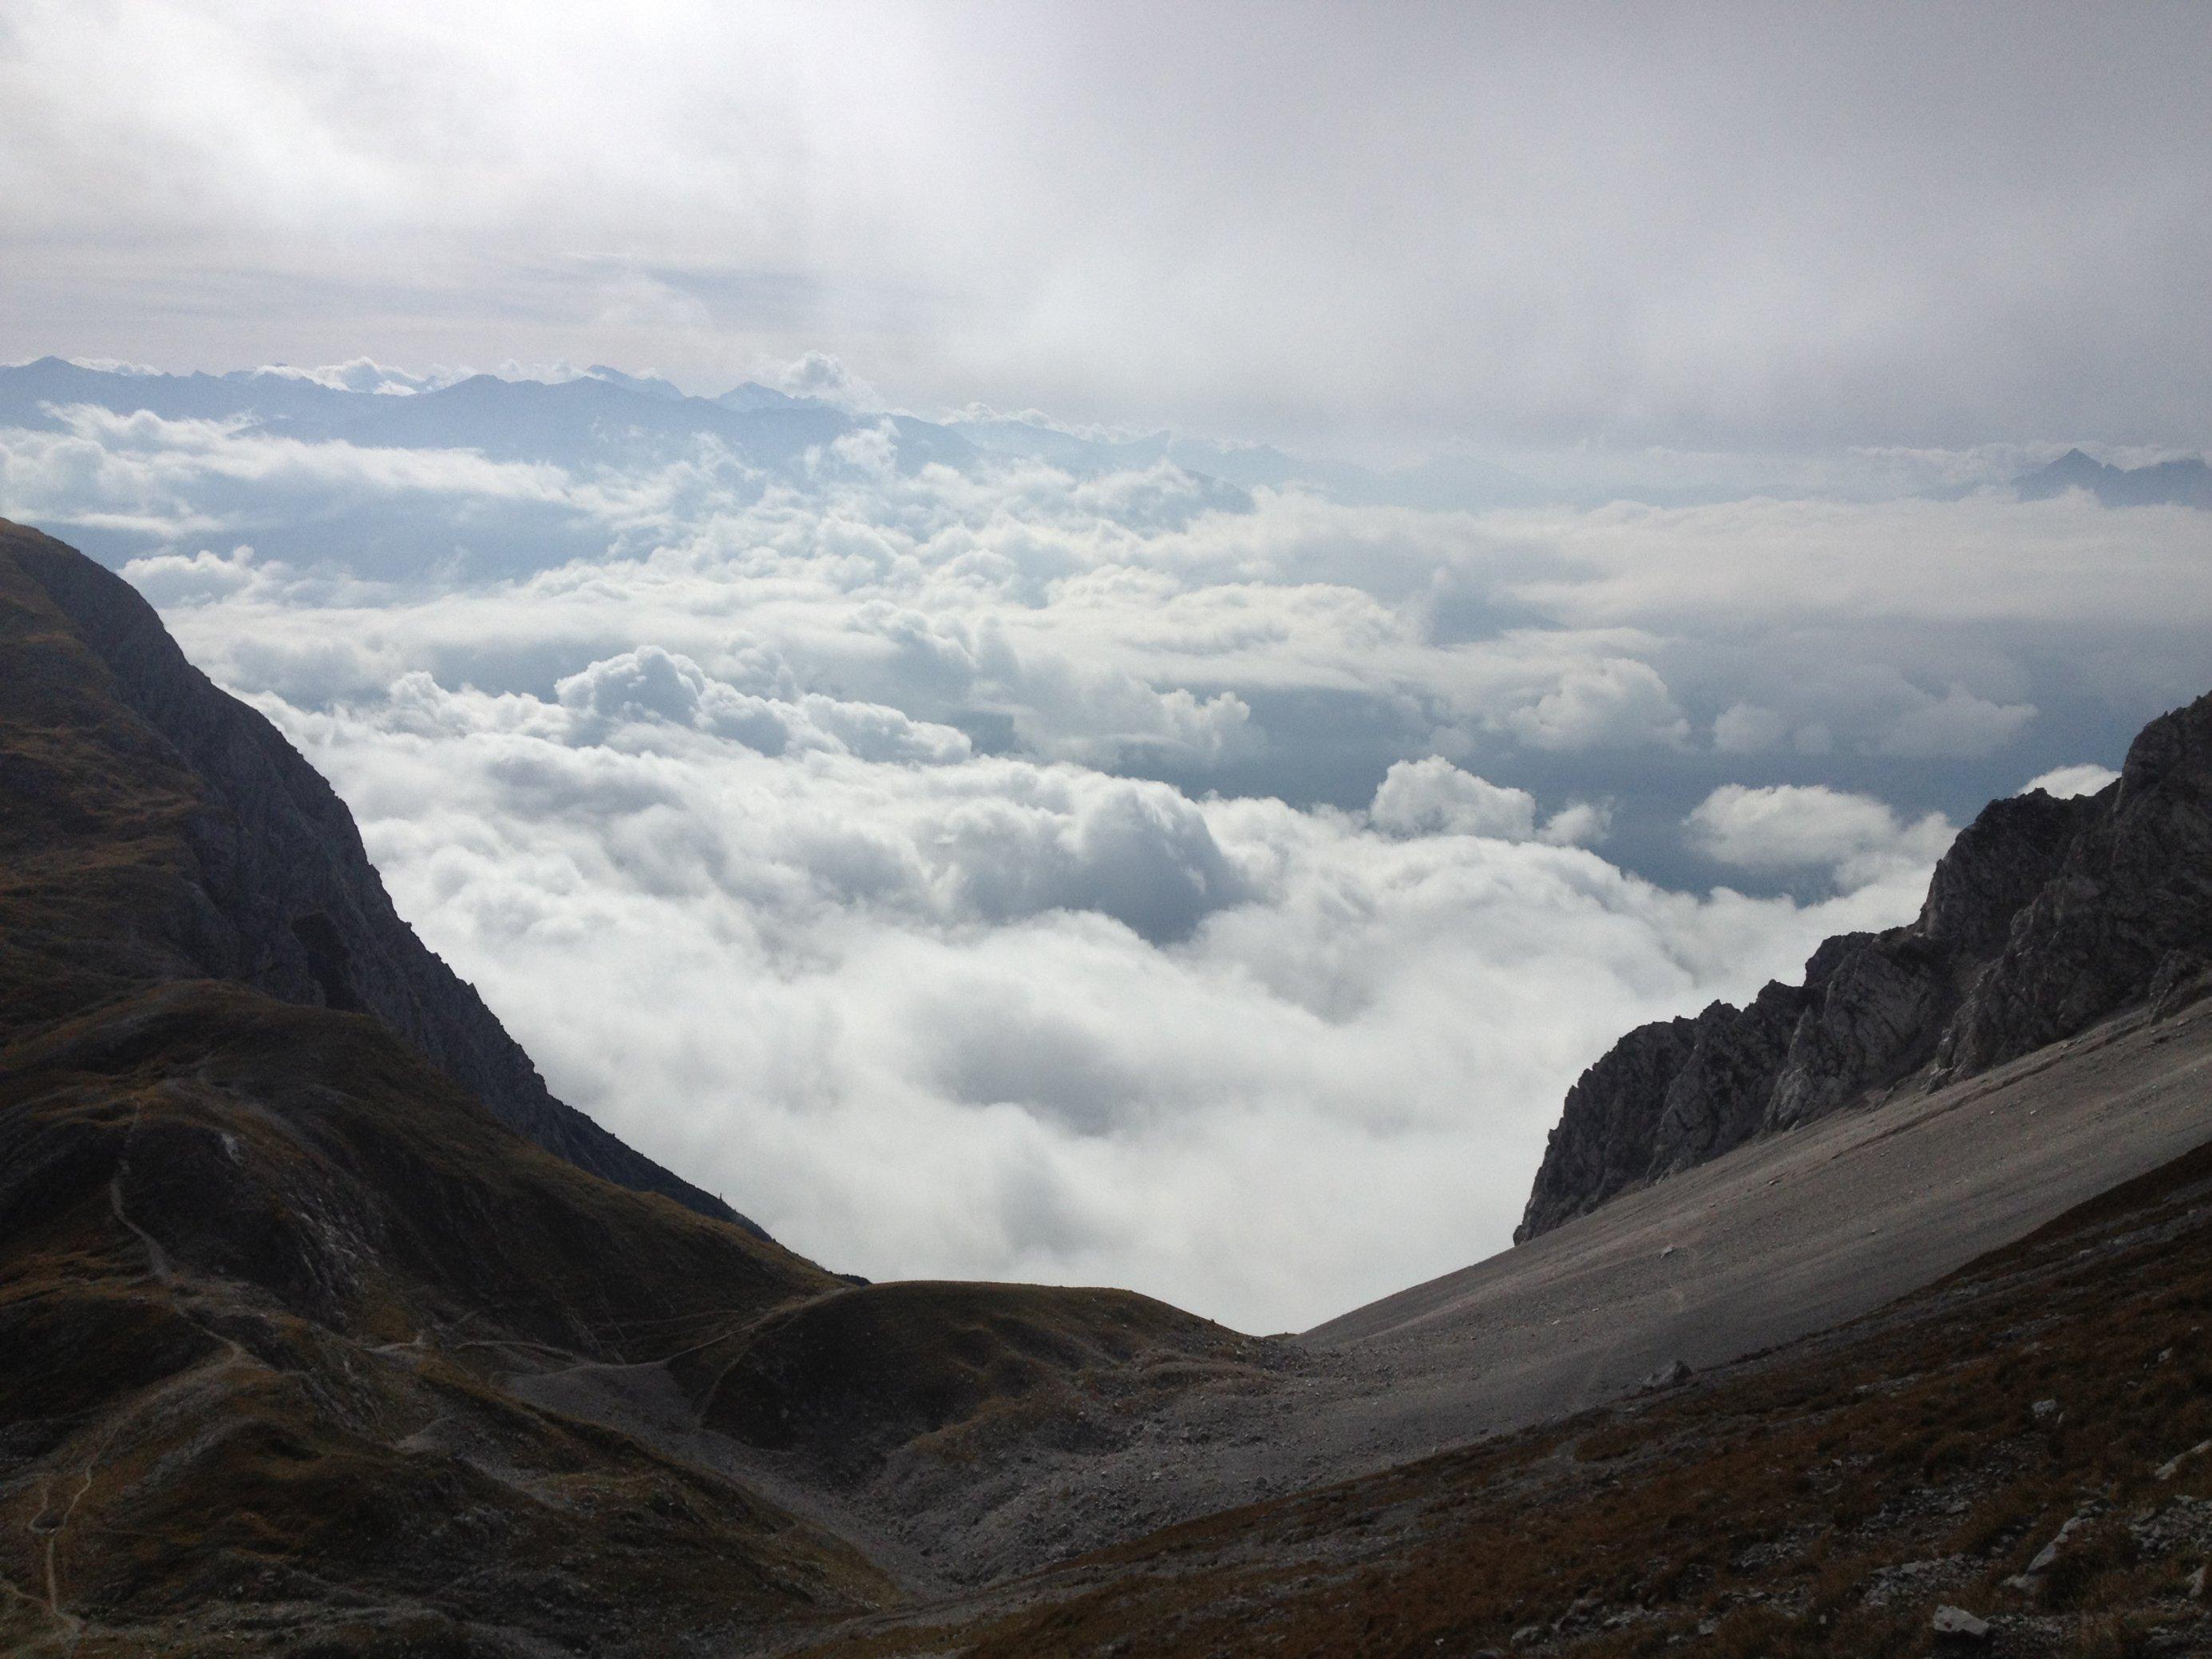 Berglandschaft über einem Wolkenhimmel.